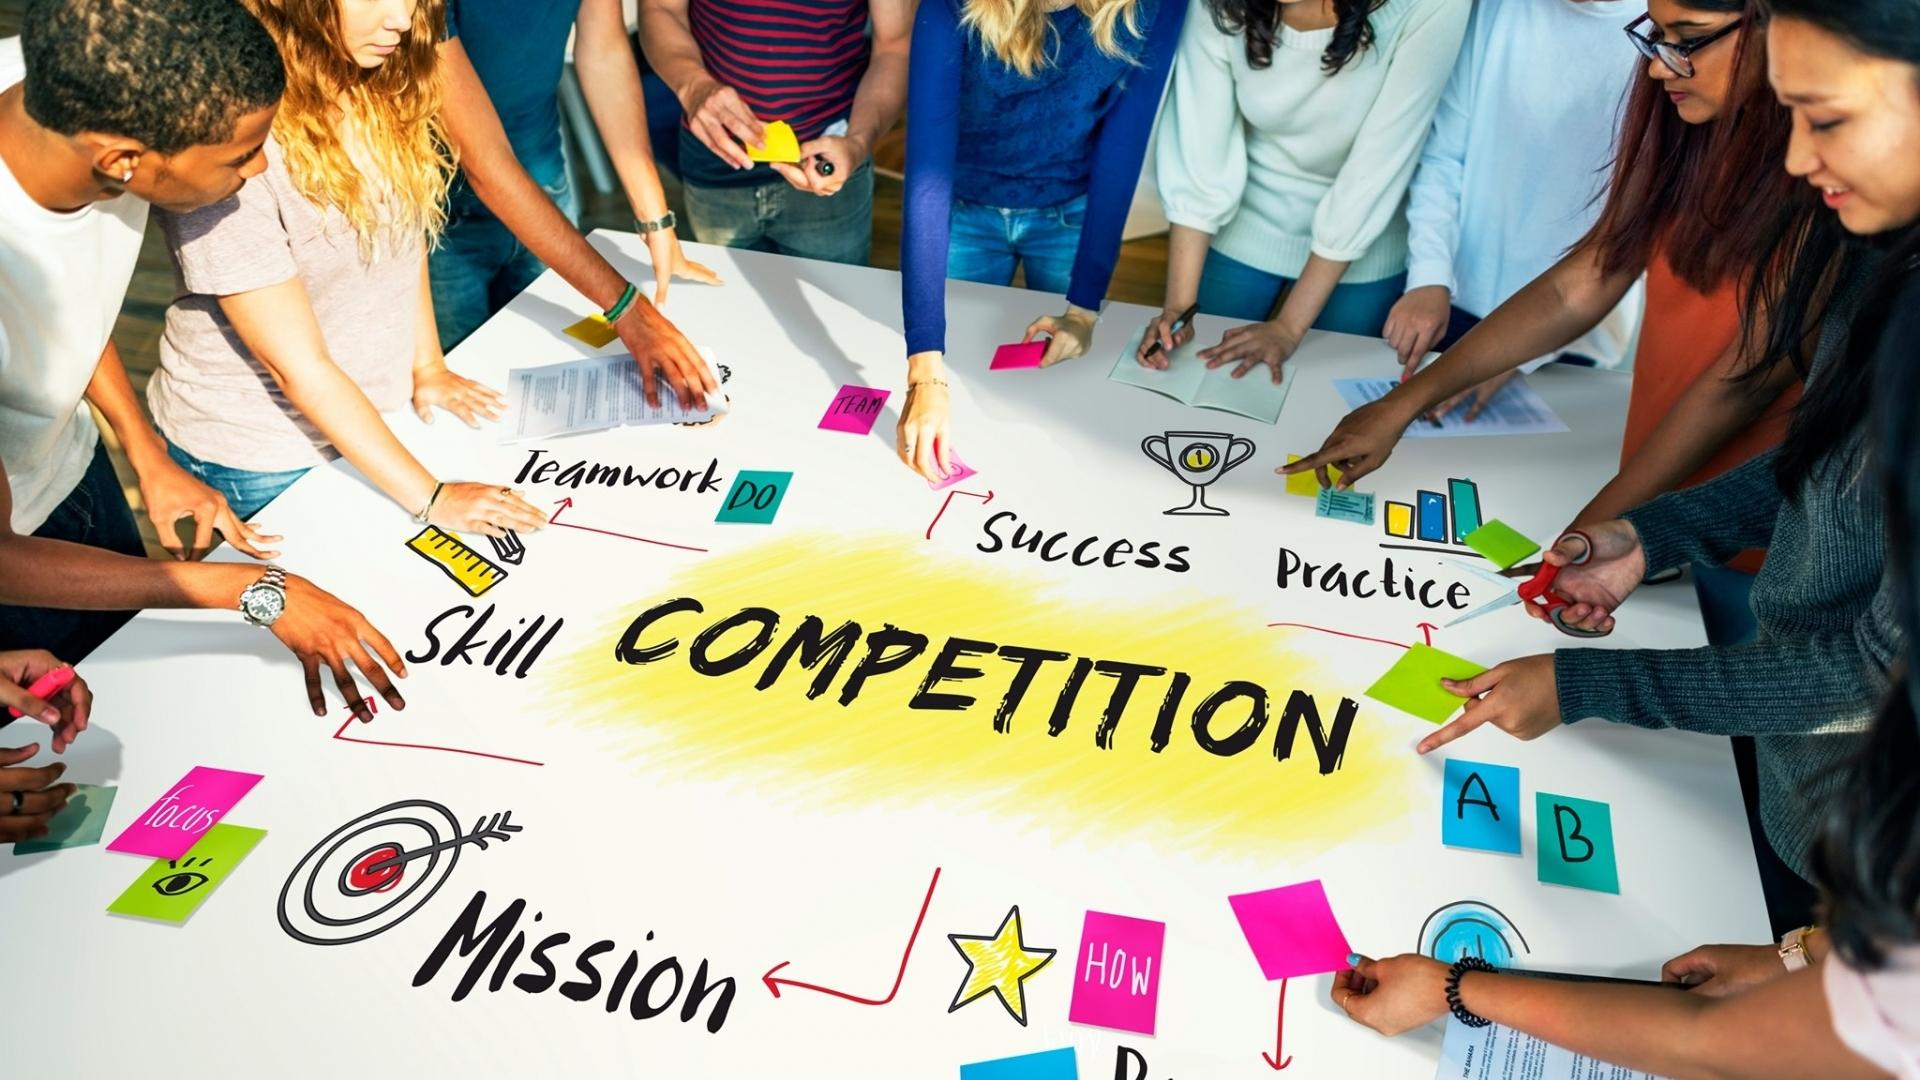 Състезание за стартъпи дава шанс на младежи от Балканите да създадат виртуални компании